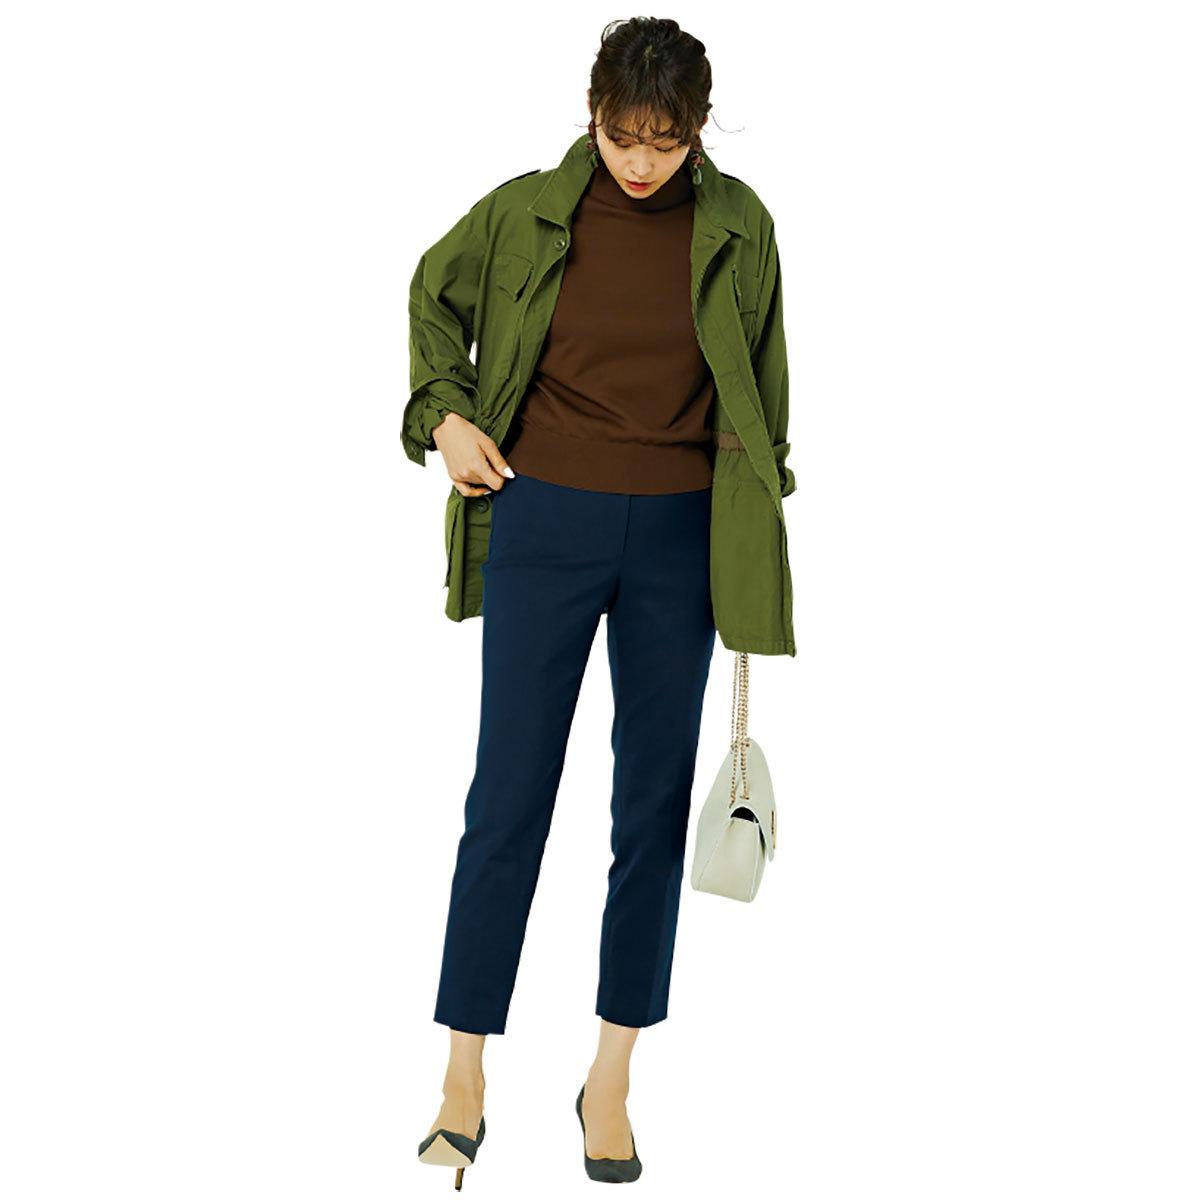 40代の「おしゃれになりたい」をかなえるファッションブランドは? 注目したいアイテムは? | アラフォーファッション_1_26